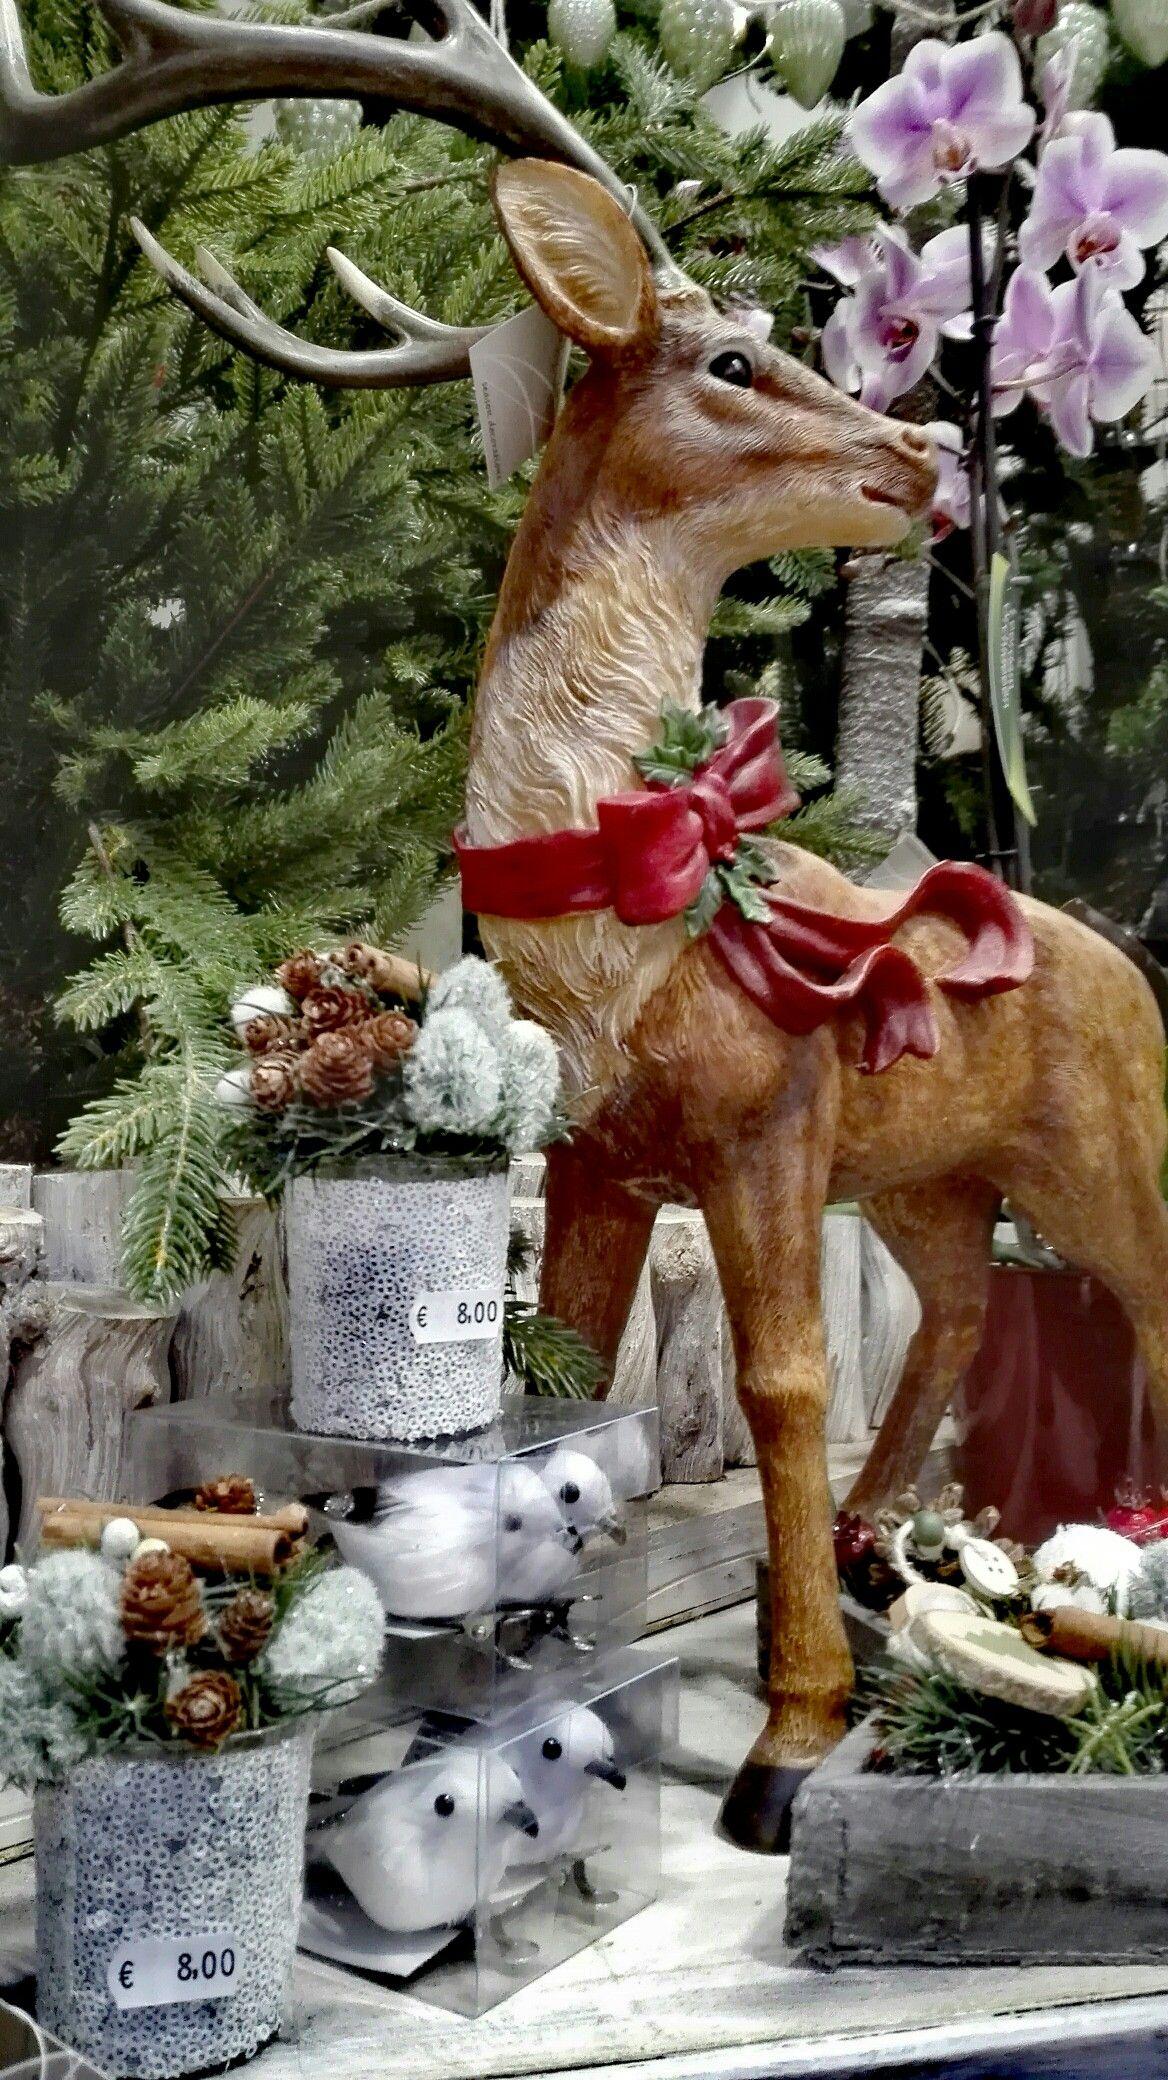 Natale si avvicina: siete in cerca di idee per decorare la ...